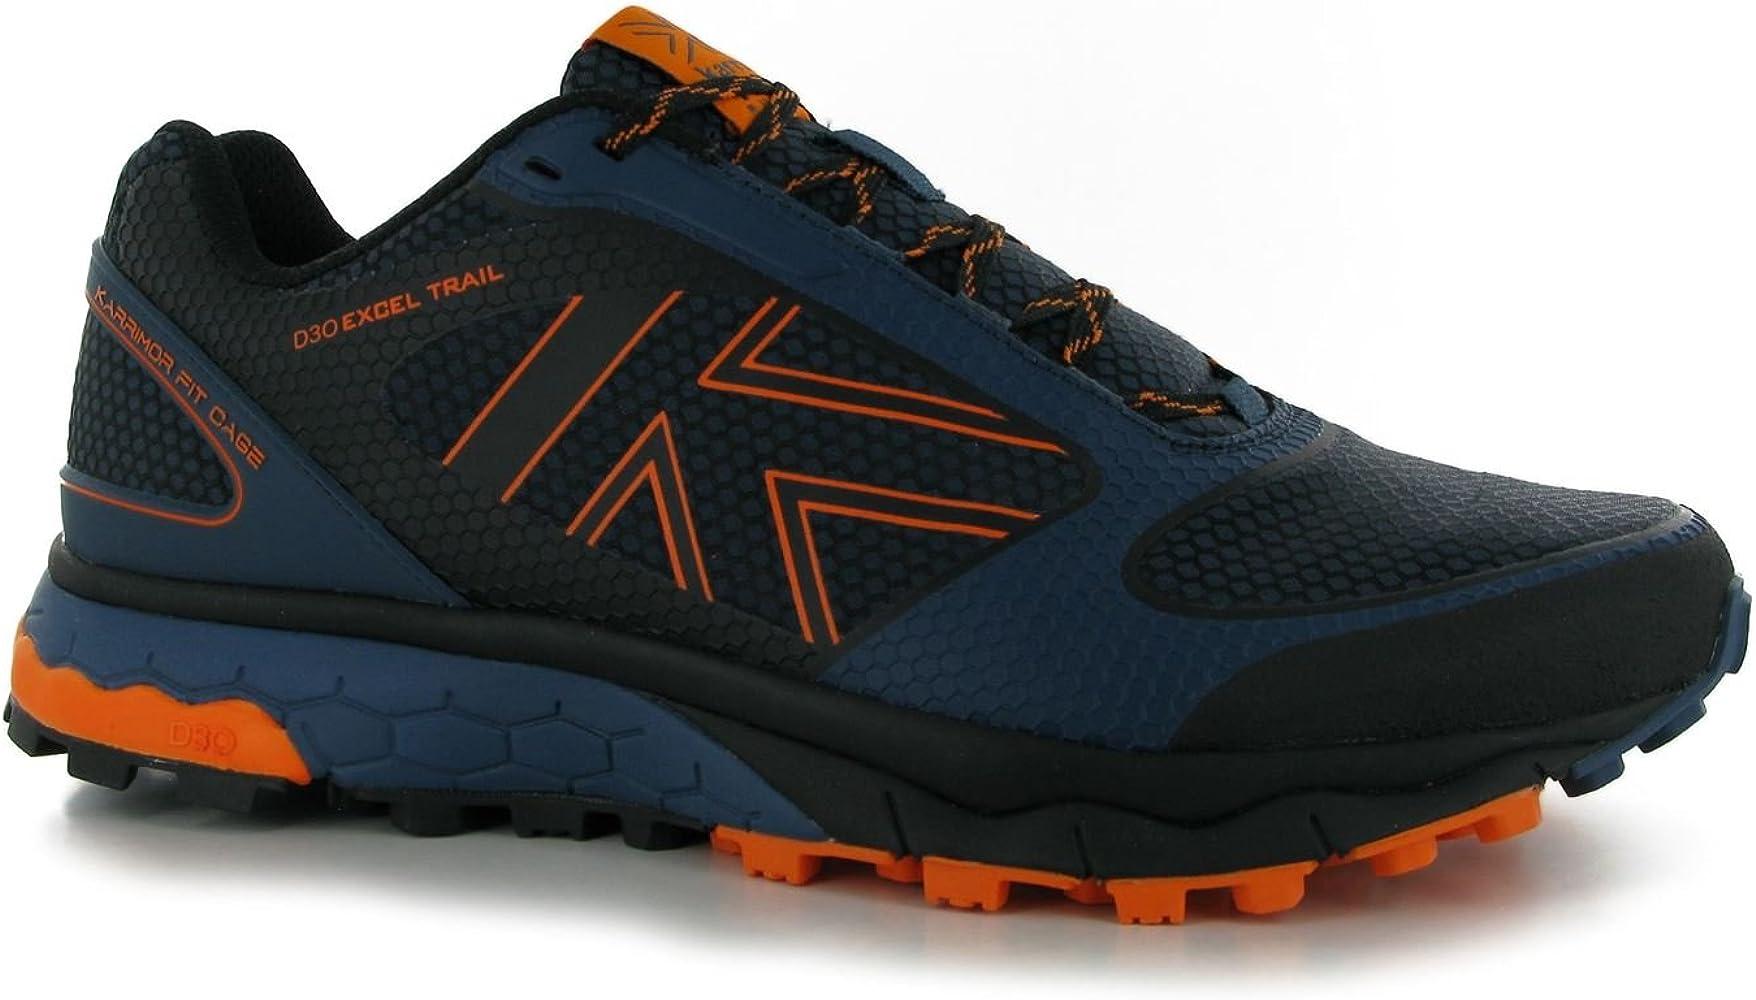 Karrimor Excel Trail 2 Zapatillas de Running Deportivas Zapatillas de Encaje, Color, Talla 8 UK: Amazon.es: Zapatos y complementos